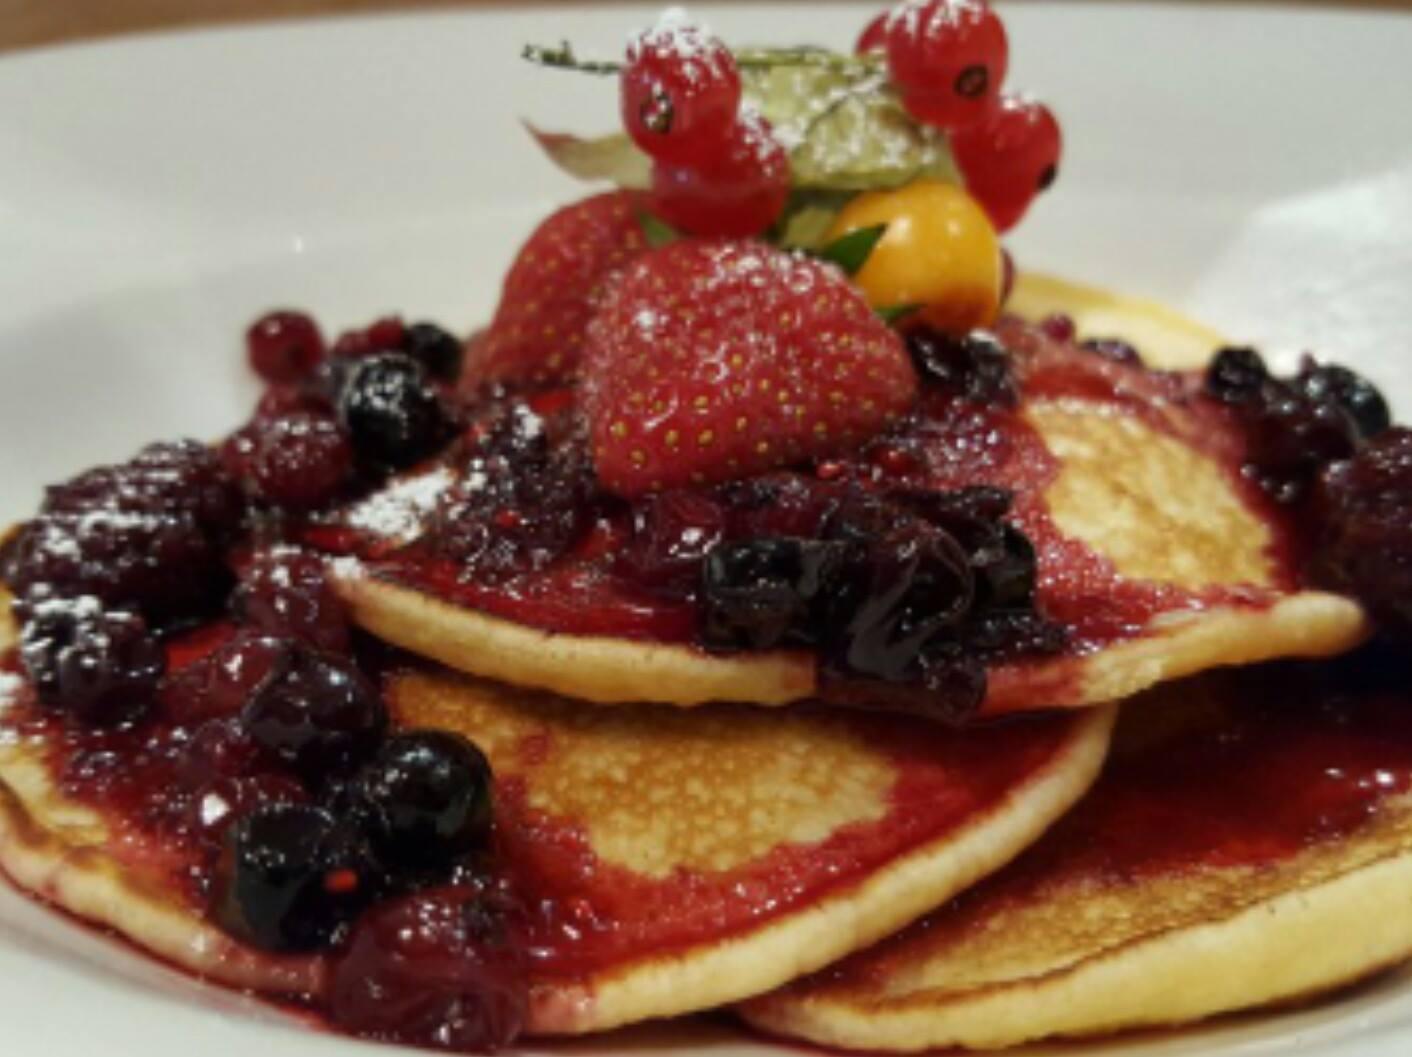 pancakes for brunch at twenty2 restaurant, dublin 9